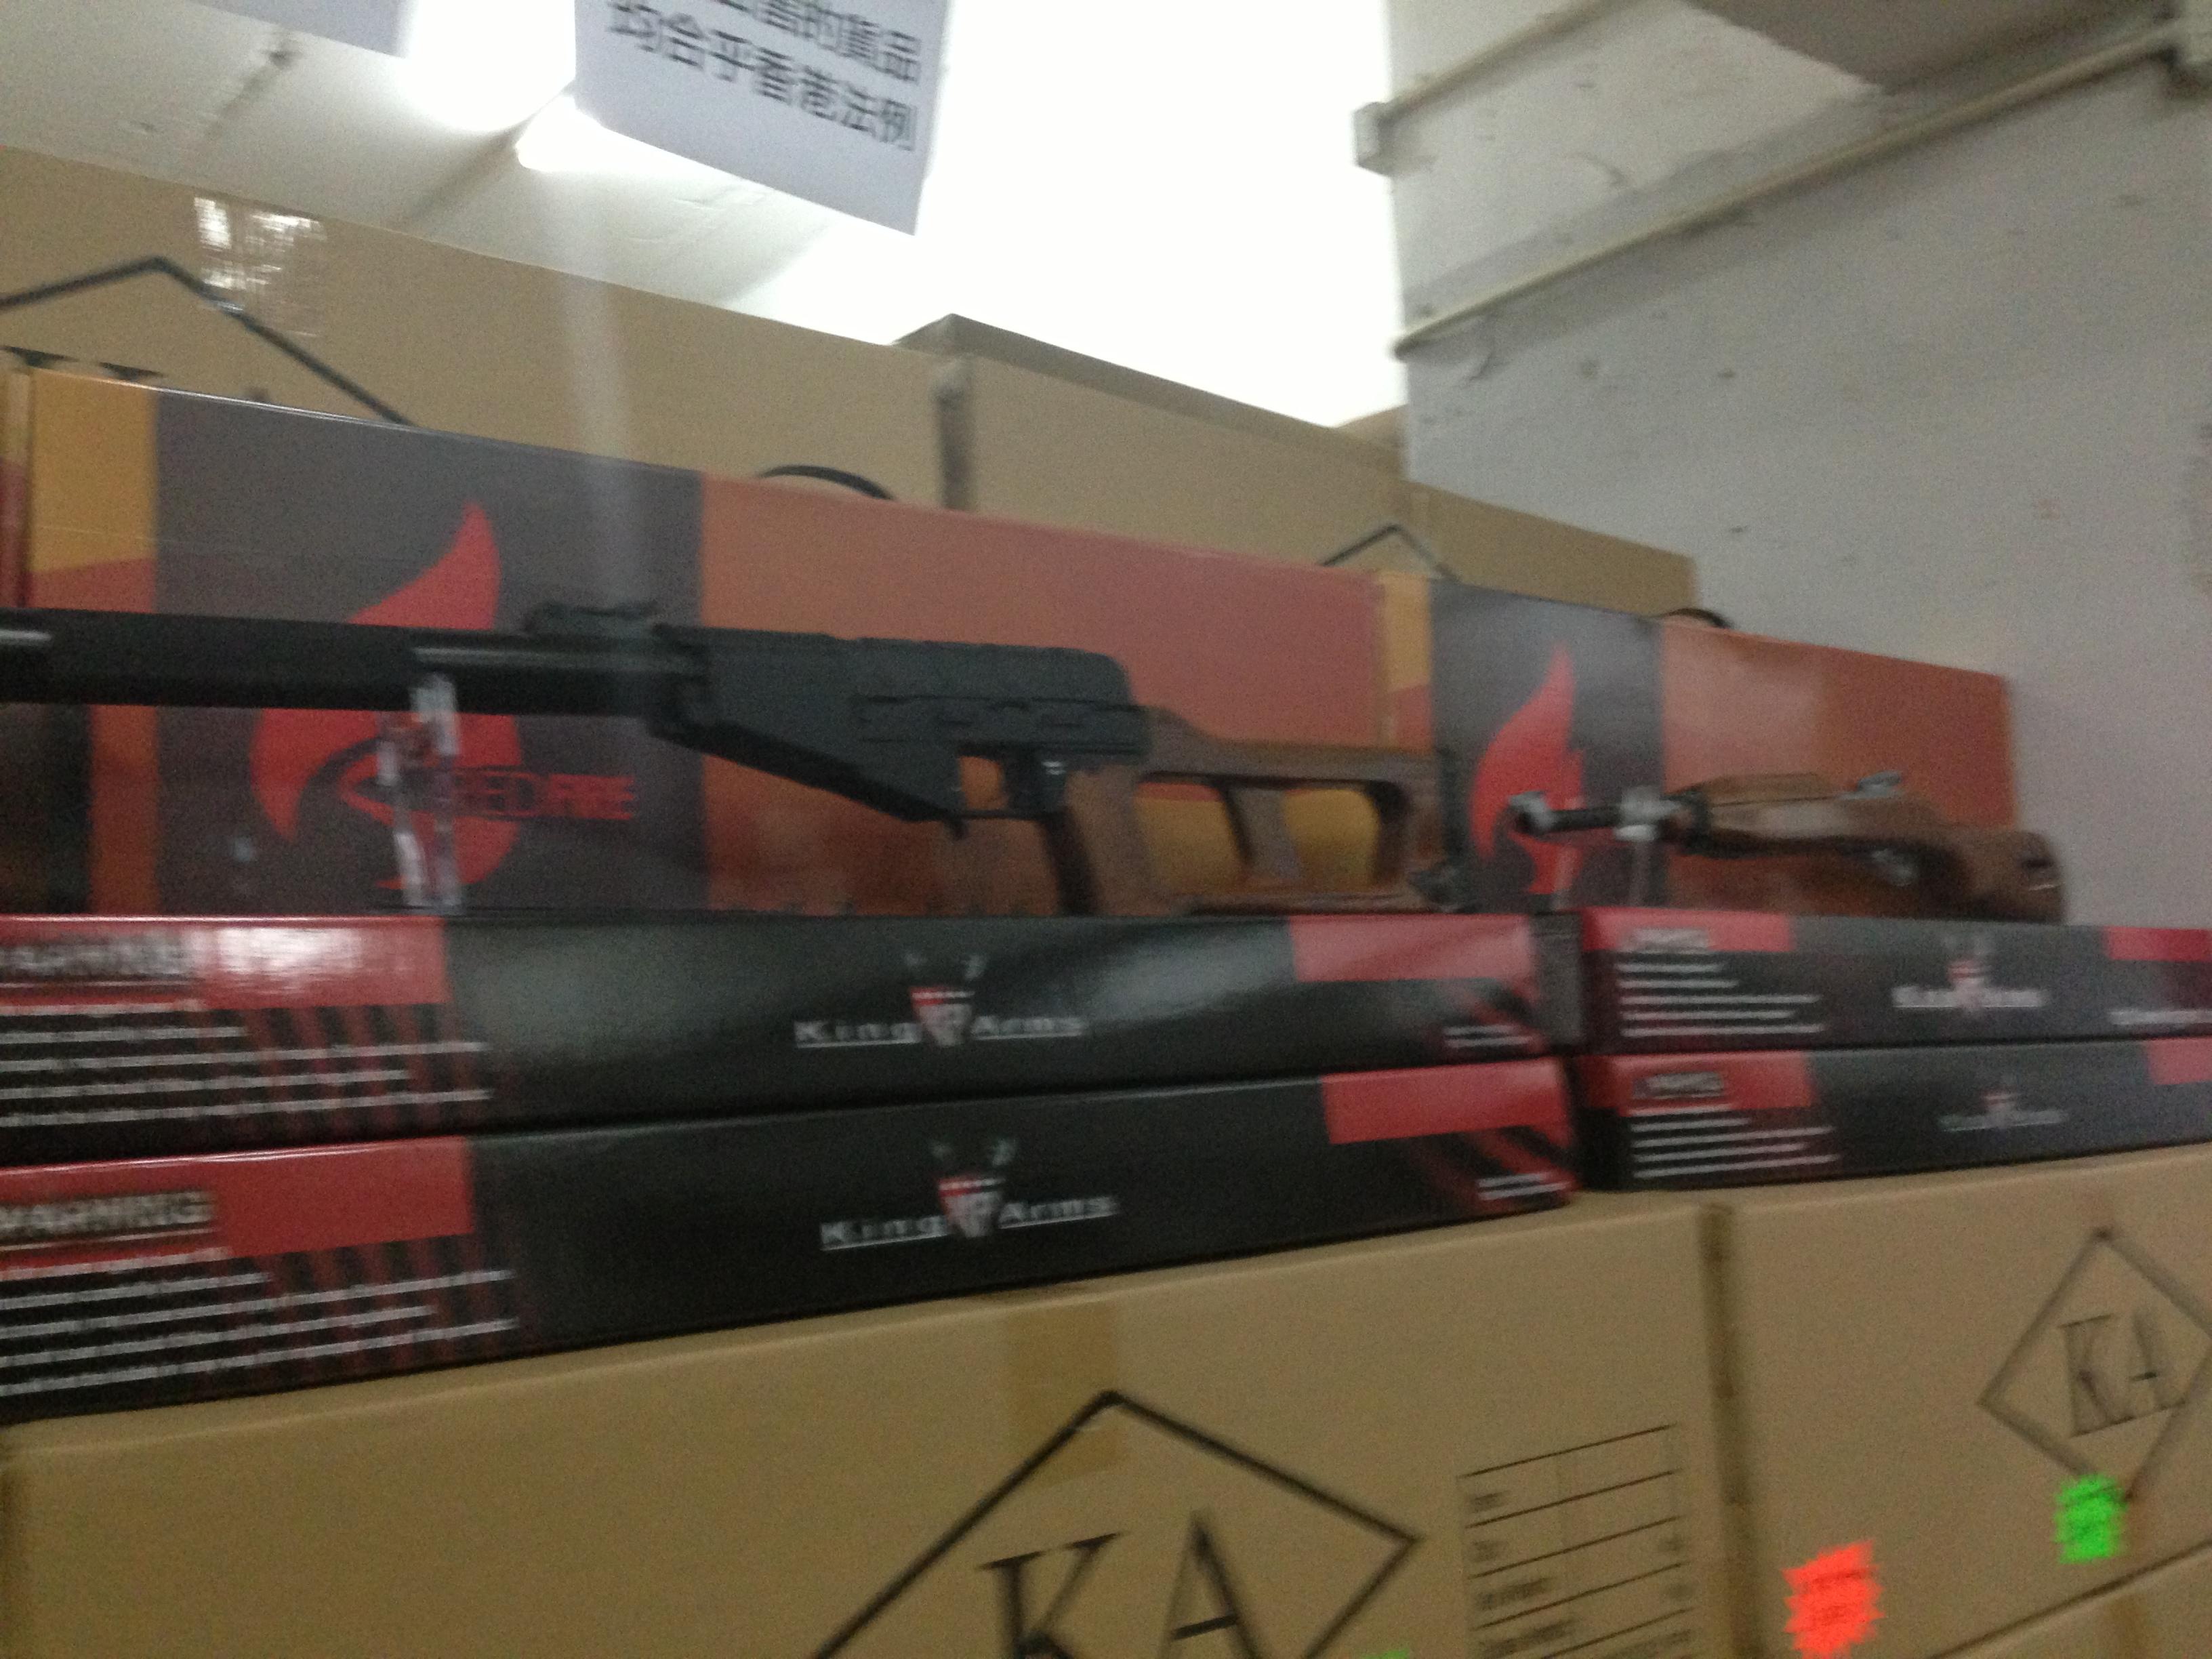 Nuevos lanzamientos King Arms. 2013-05-10-18.50.36